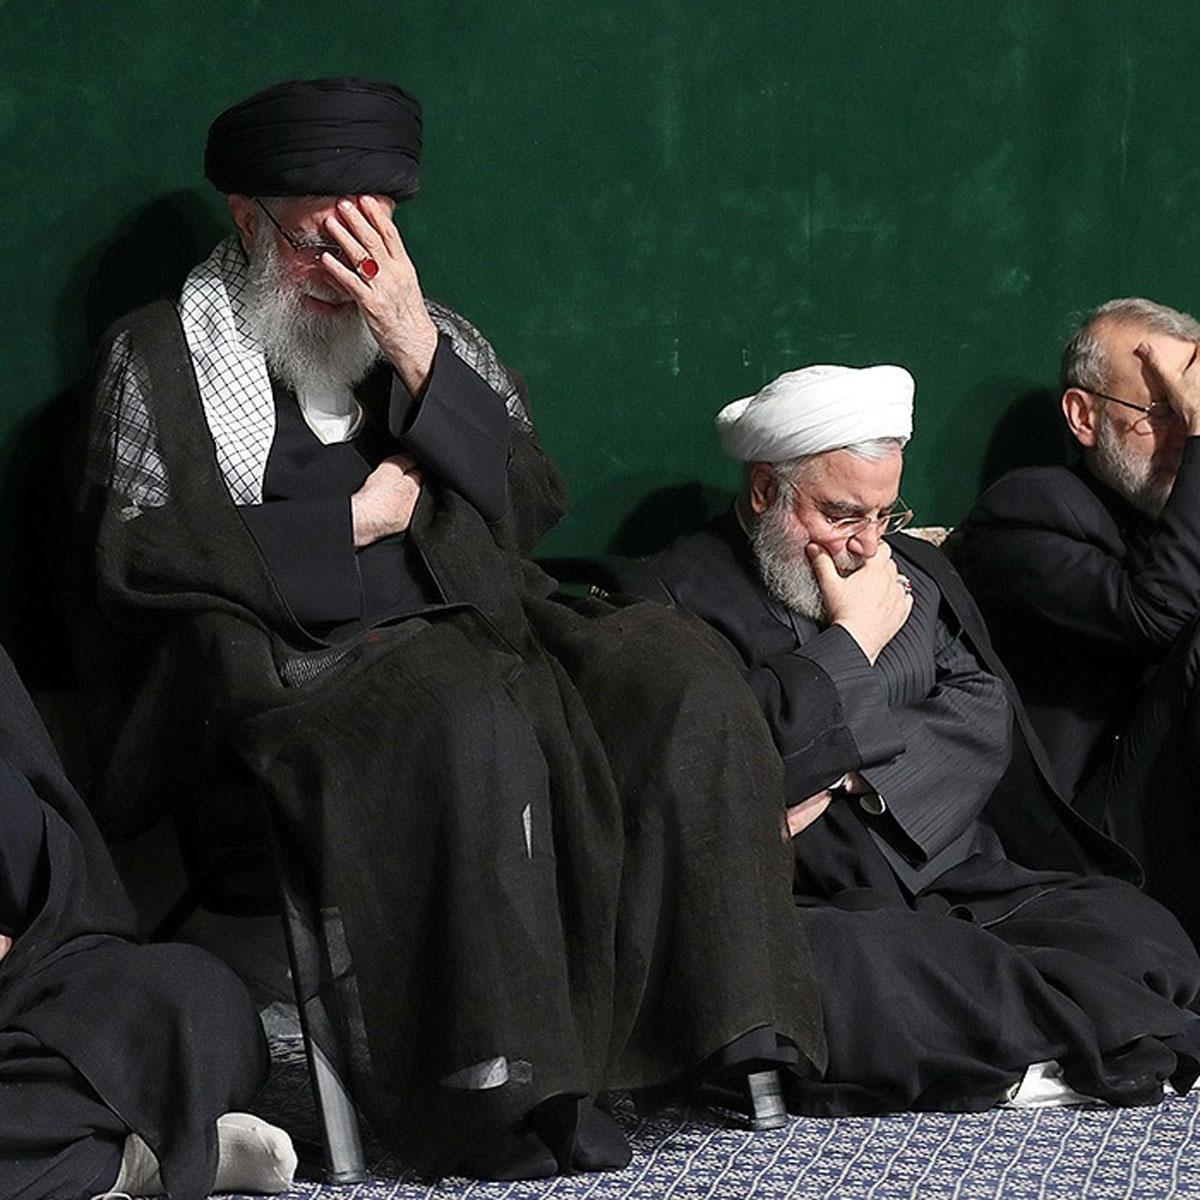 دومین شب عزاداری سیدالشهداء(ع) در حسینیه امام خمینی(ره)